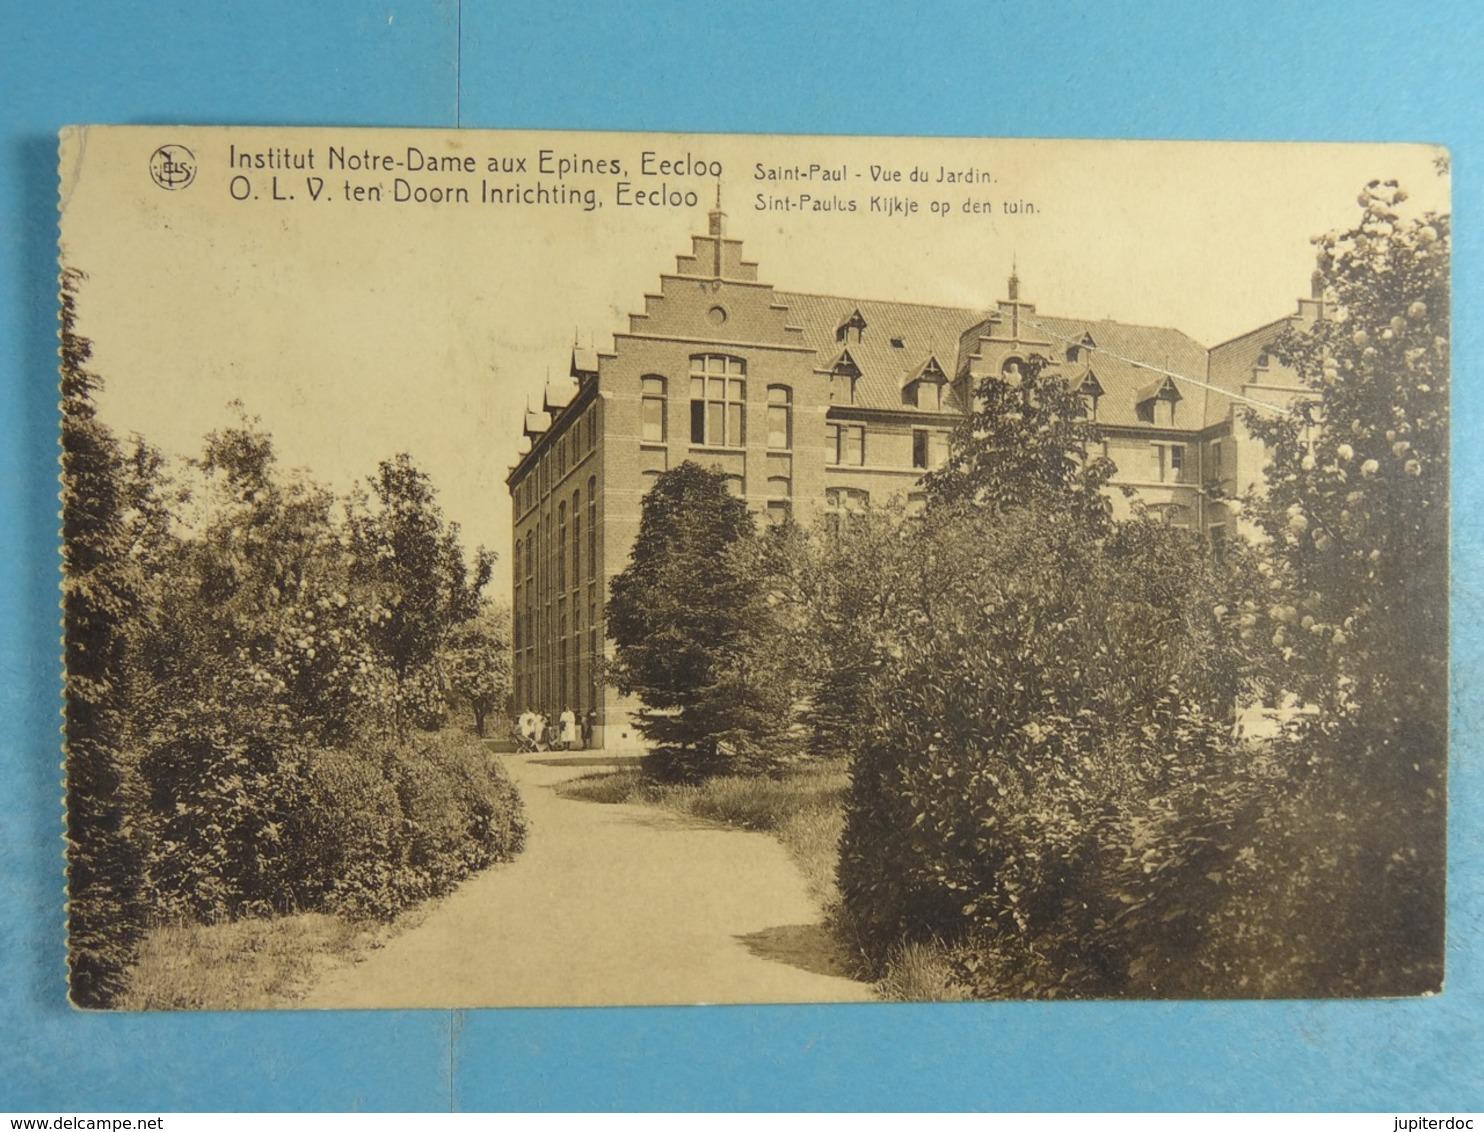 Eeklo Institut Notre Dame Aux Epines Saint-Paul Vue Du Jardin - Eeklo